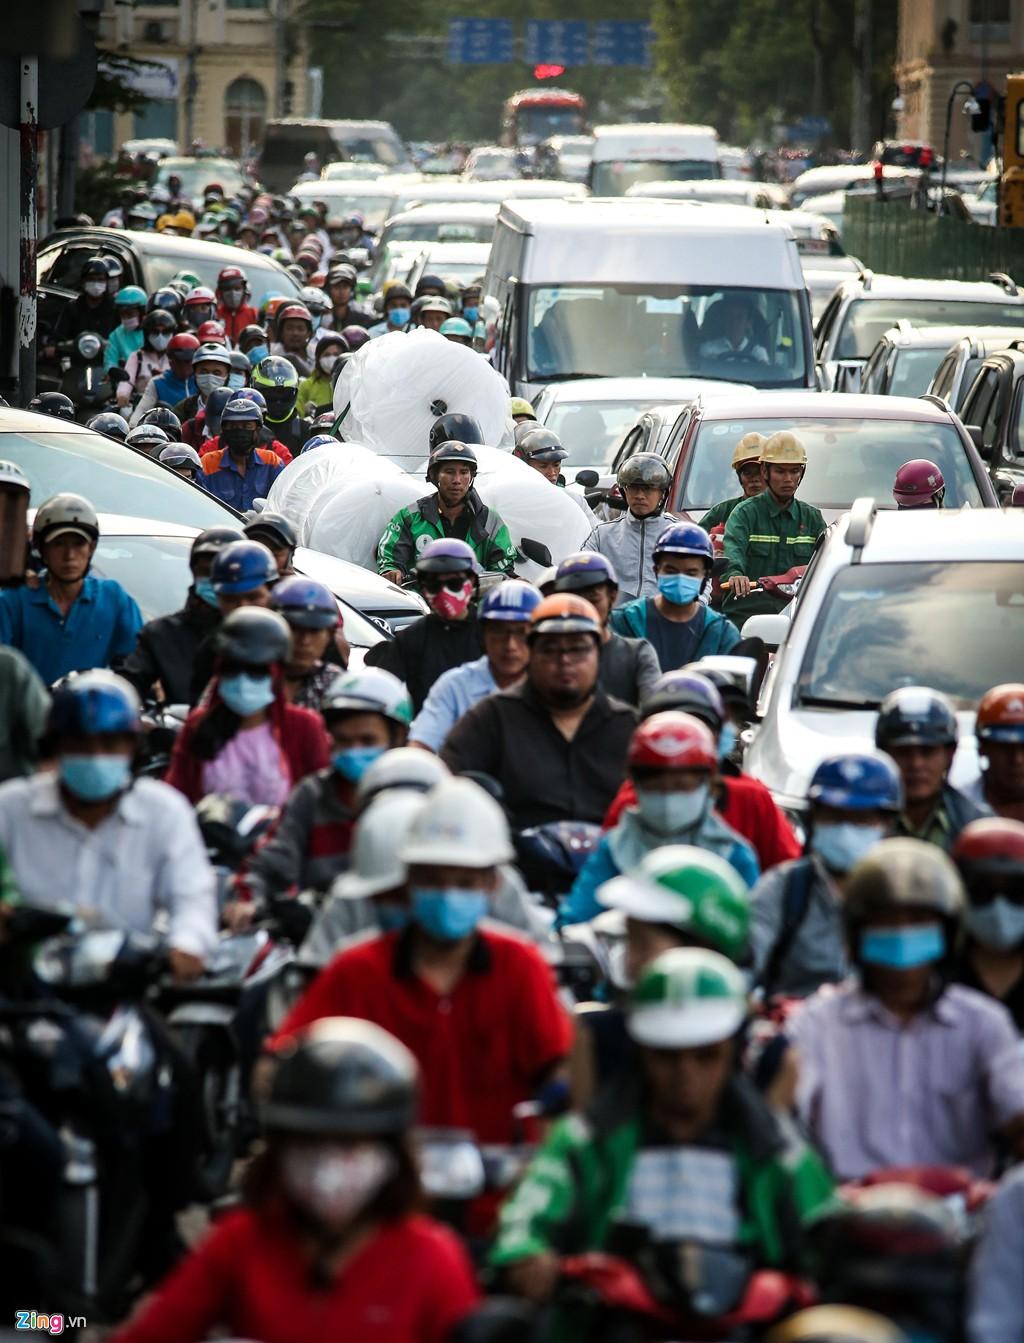 Kẹt xe triền miên ở đường Tôn Đức Thắng vì công trường ì ạch - Ảnh 6.